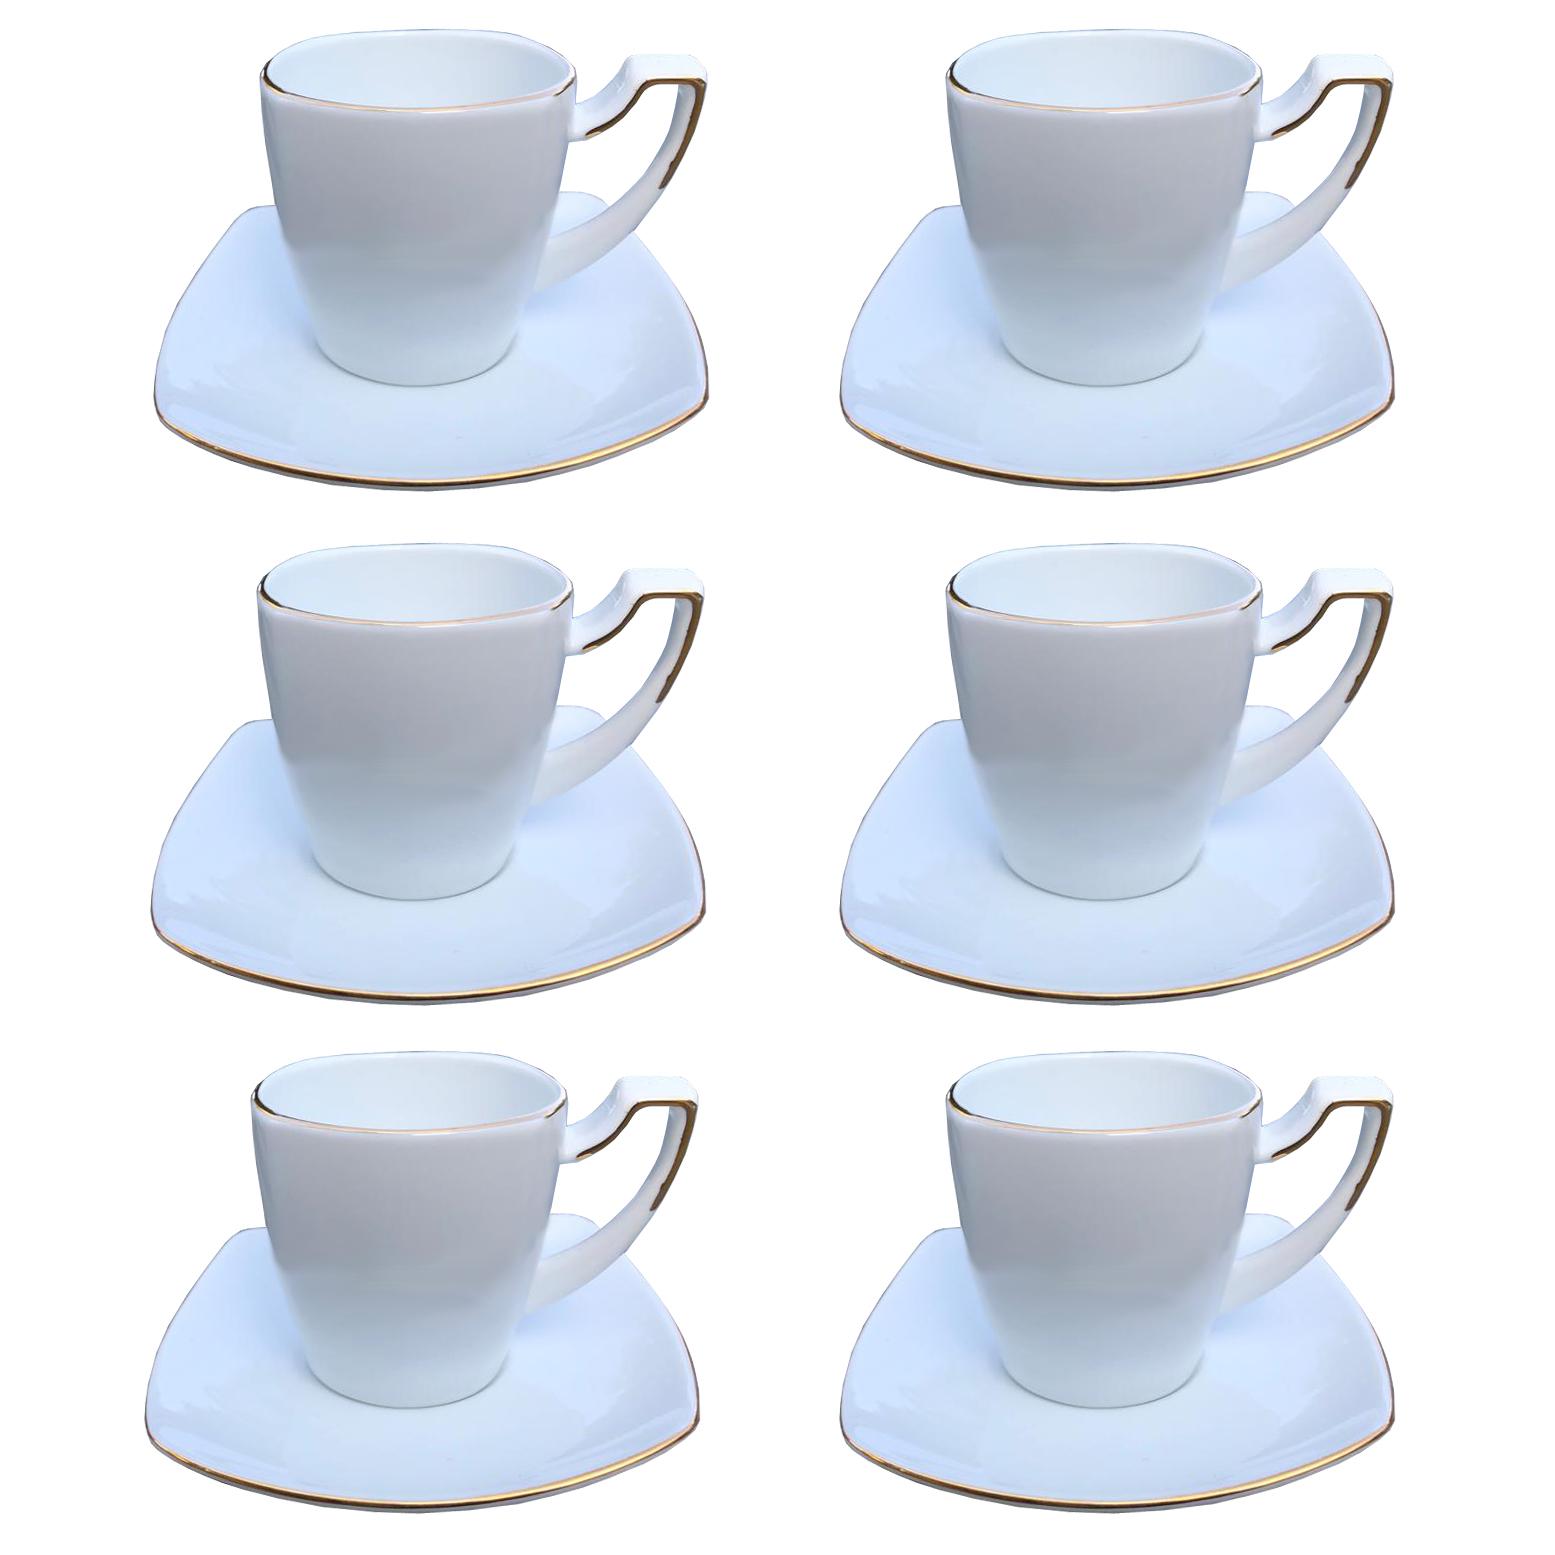 عکس سرویس چای خوری 12 پارچه مدل SENATOR 66